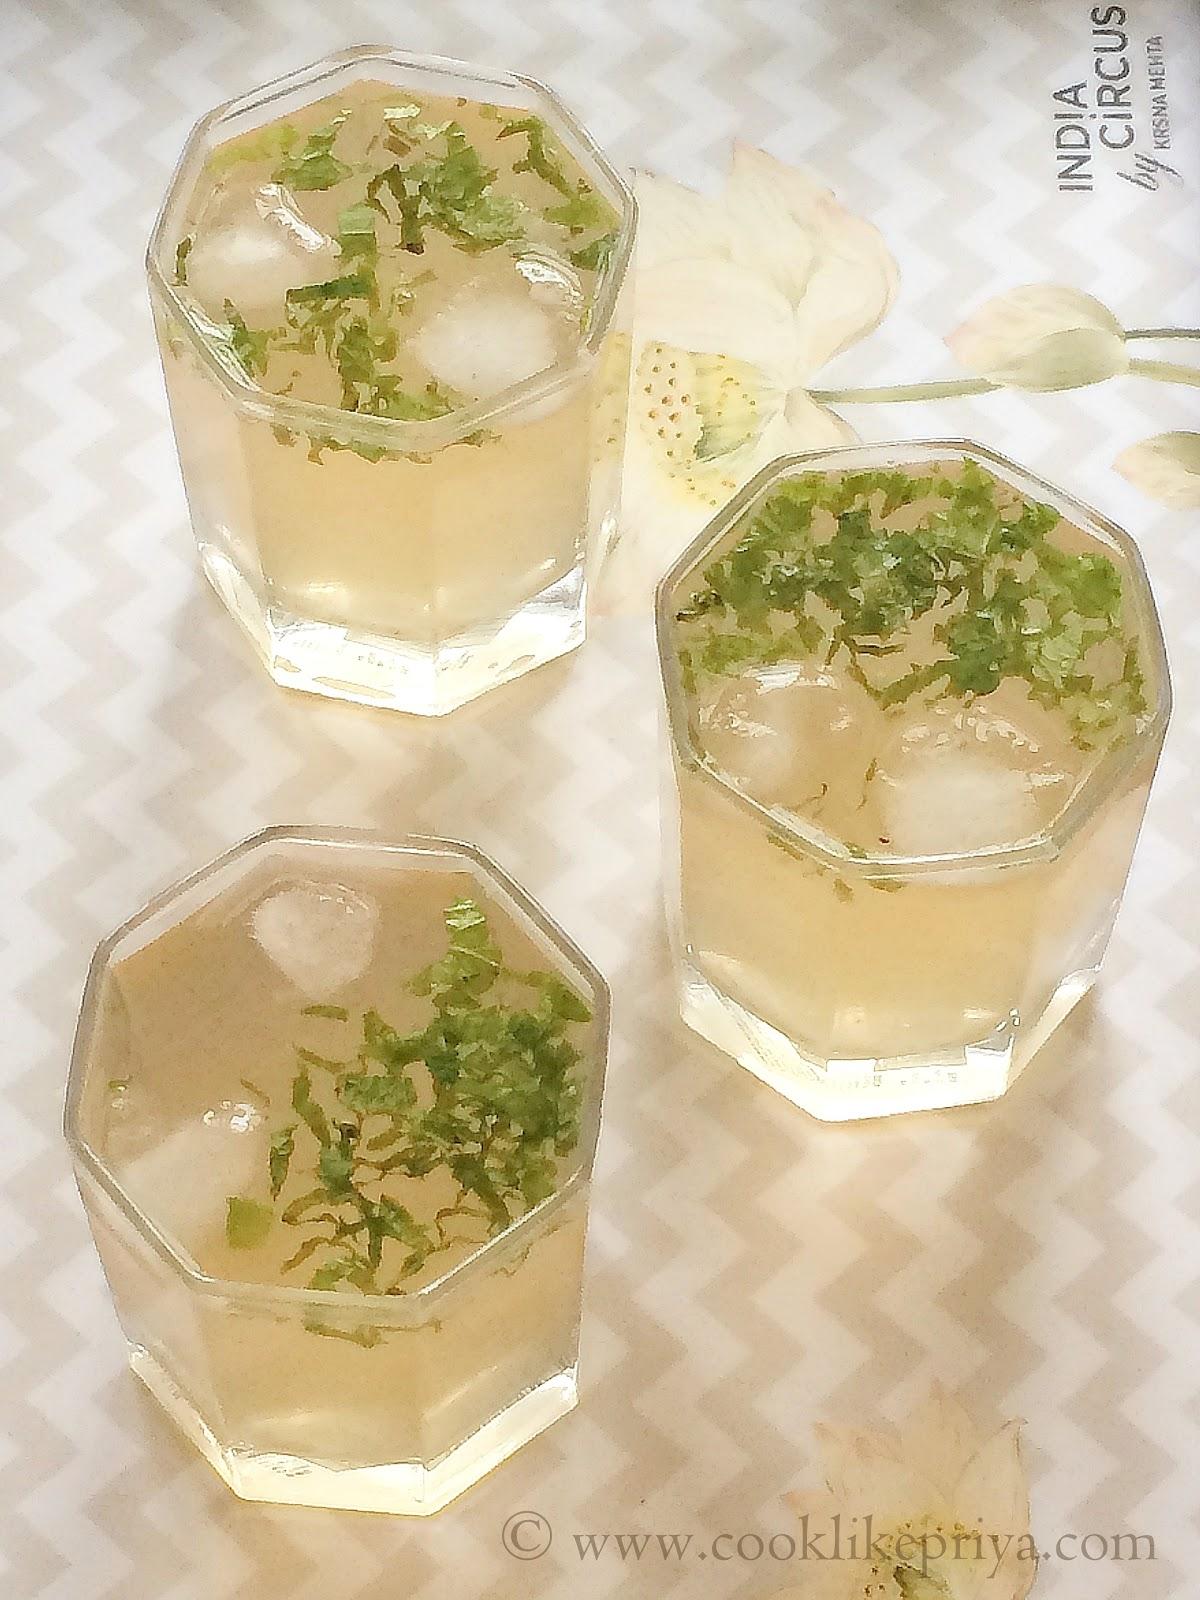 Iced Lychee Green Tea | Flavoured Green Tea Recipe | Summer Cooler ...